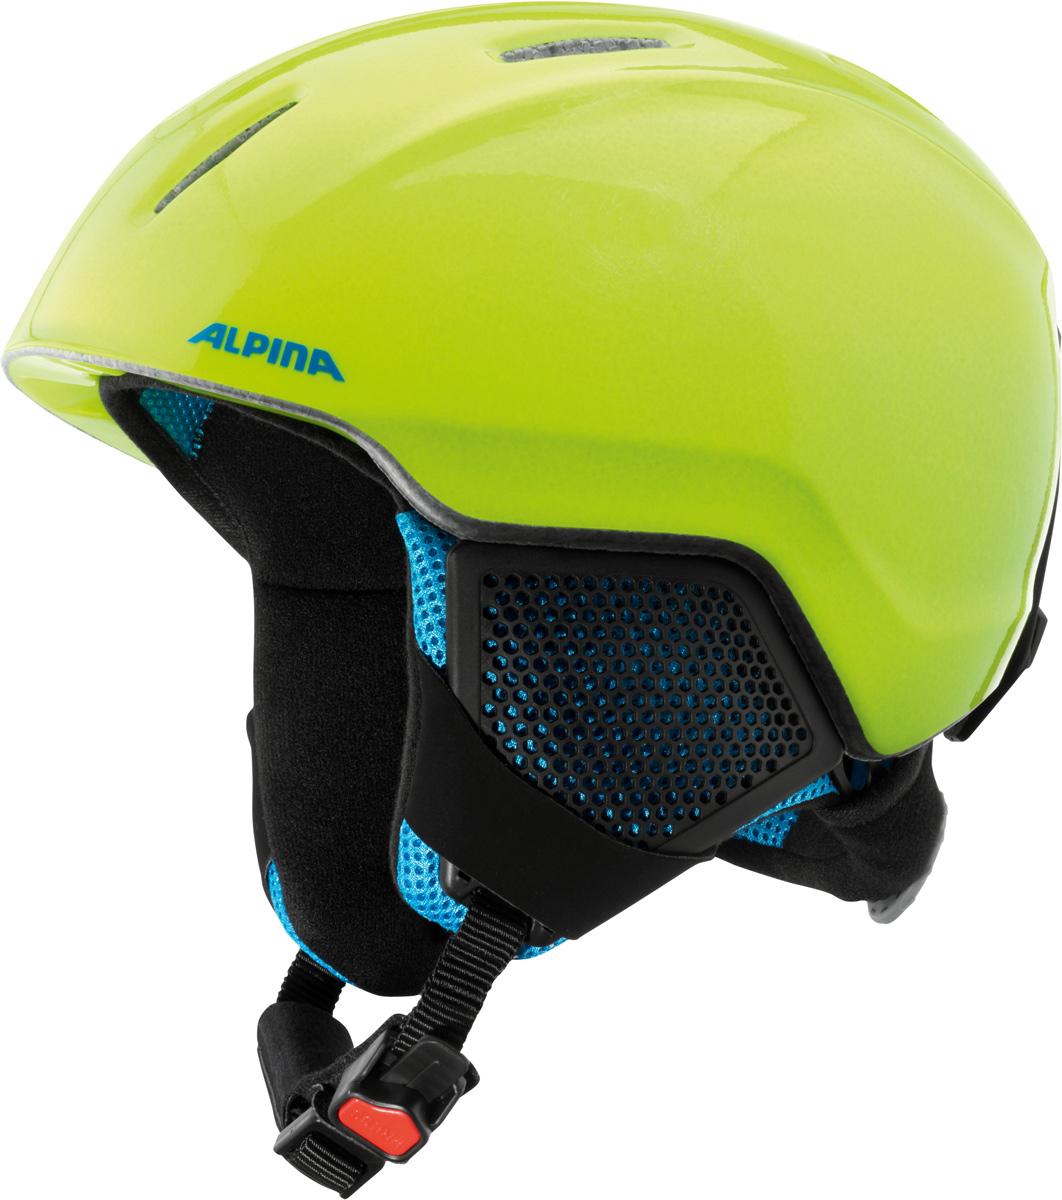 Шлем горнолыжный детский Alpina Carat LX, цвет: желтый. A9081_40. Размер 51-55A9080_70Серия детских и подростковых шлемов Carat пополнилась моделью LX. Главным нововведением стало использование перфорации в жестких наушниках, которые по-прежнему обеспечивают высокую степень защиты, но при этом позволяют слышать все вокруг. Вентиляционные отверстия препятствуют перегреву и позволяют поддерживать идеальную температуру внутри шлема. Для этого инженеры Alpina используют эффект Вентури, чтобы сделать циркуляцию воздуха постоянной и максимально эффективной.Внутренник шлема легко вынимается, стирается, сушится и вставляется обратно.Из задней части шлема можно достать шейный утеплитель из мягкого микро-флиса. Этот теплый воротник также защищает шею от ударов на высокой скорости и при сибирских морозах. В удобной конструкции отсутствуют точки давления на шею.Прочная и легкая конструкция In-mold. Тонкая и прочная поликарбонатная оболочка под воздействием высокой температуры и давления буквально сплавляется с гранулами EPS, которые гасят ударную нагрузку.Внутренняя оболочка каждого шлема Alpina состоит из гранул HI-EPS (сильно вспененного полистирола). Микроскопические воздушные карманы эффективно поглощают ударную нагрузку и обеспечивают высокую теплоизоляцию. Эта технология позволяет достичь минимальной толщины оболочки. А так как гранулы HI-EPS не впитывают влагу, их защитный эффект не ослабевает со временем.Удобная и точная система регулировки Run System Ergo Snow позволяет быстро и комфортно подогнать шлем по голове, без создания отдельных точек избыточного давления.Y-образный ремнераспределитель двух ремешков находится под ухом и обеспечивает быструю и точную посадку шлема на голове.Вместо фастекса на ремешке используется красная кнопка с автоматическим запирающим механизмом, которую легко использовать даже в лыжных перчатках. Механизм защищён от произвольного раскрытия при падении.Как выбрать горные лыжи для ребёнка. Статья OZON Гид